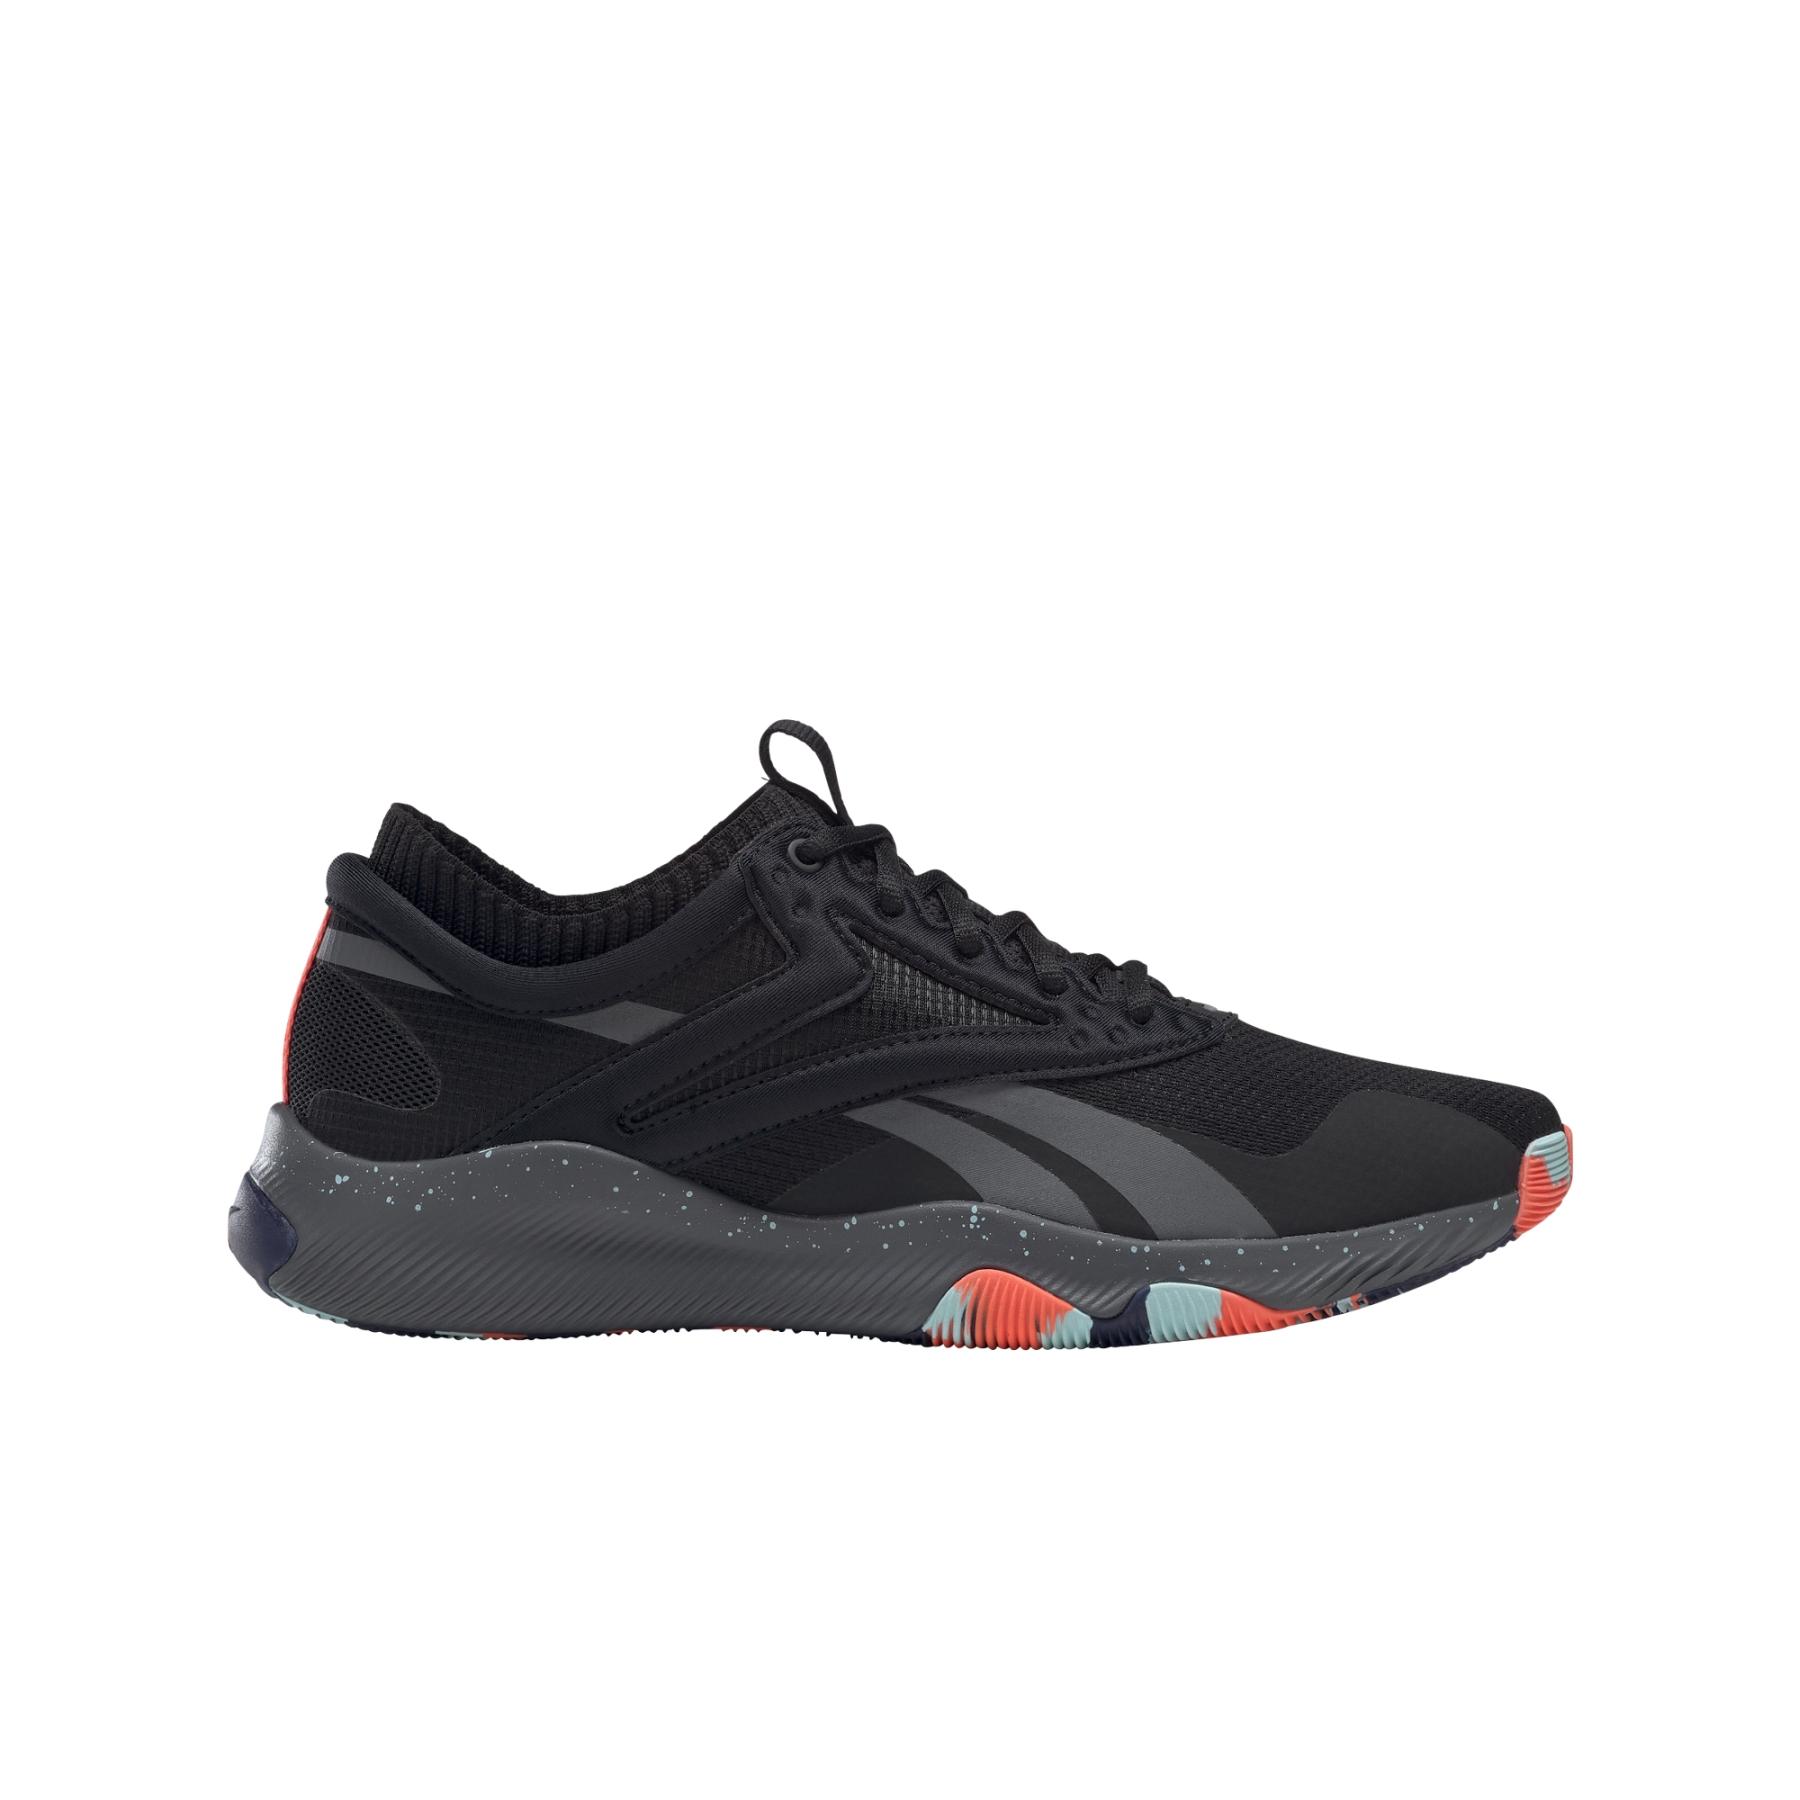 Reebok HIIT Zapatillas de entrenamiento para hombre - core black/true grey 7/orange flare G55468